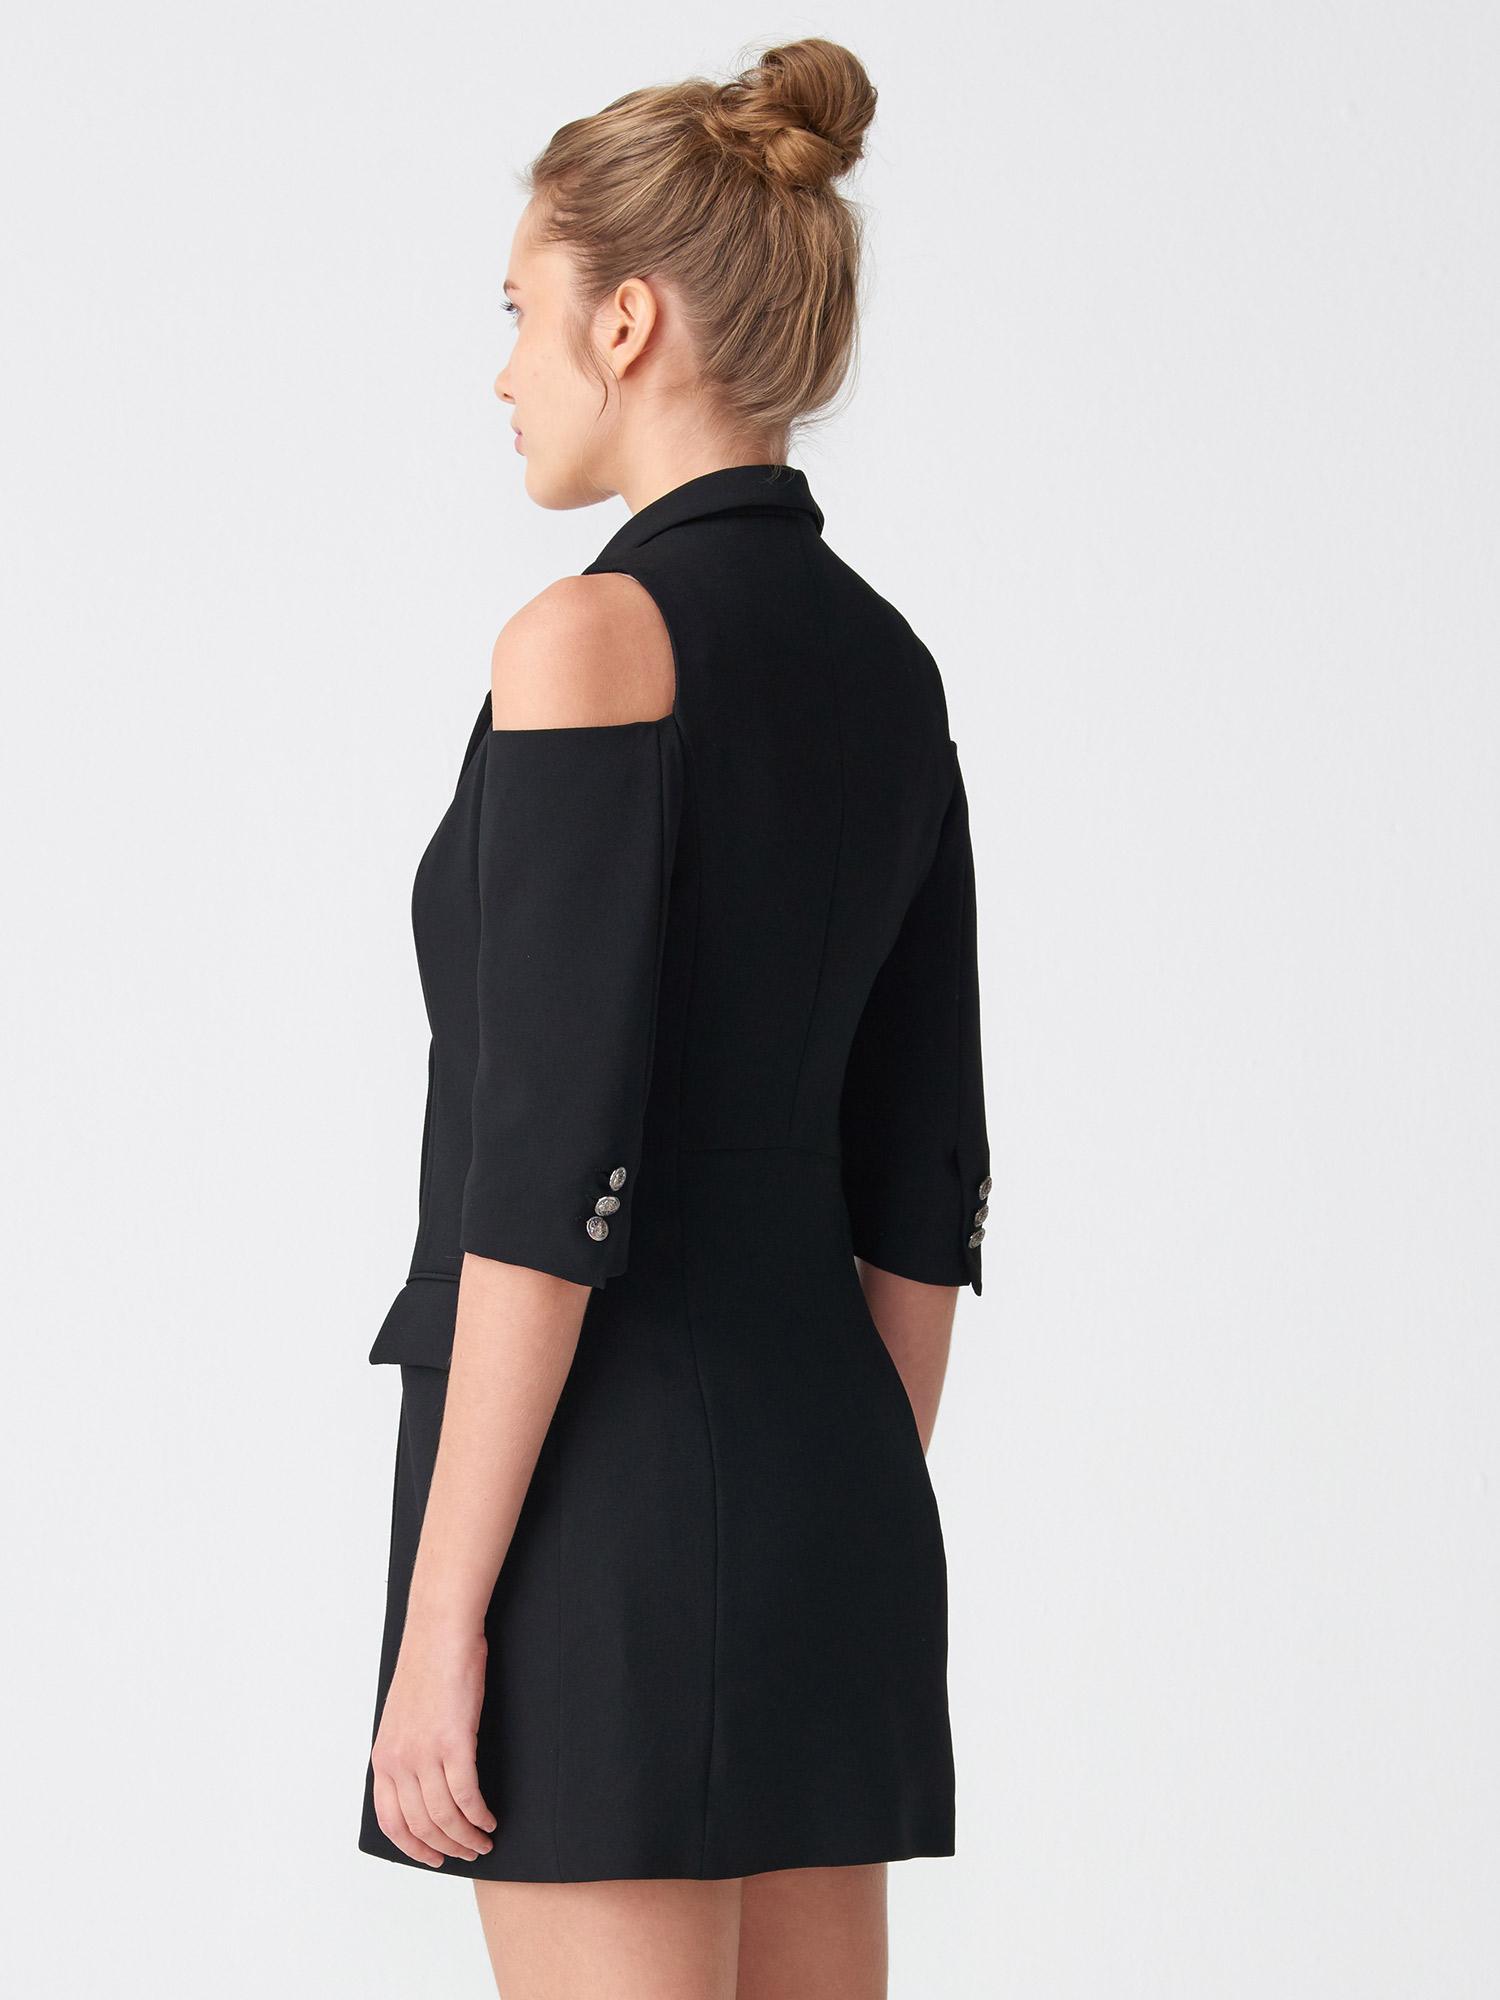 01421cd854b39 6709 Omuzu Açık Kruvaze Ceket Elbise-Siyah | CEKET | DILVIN